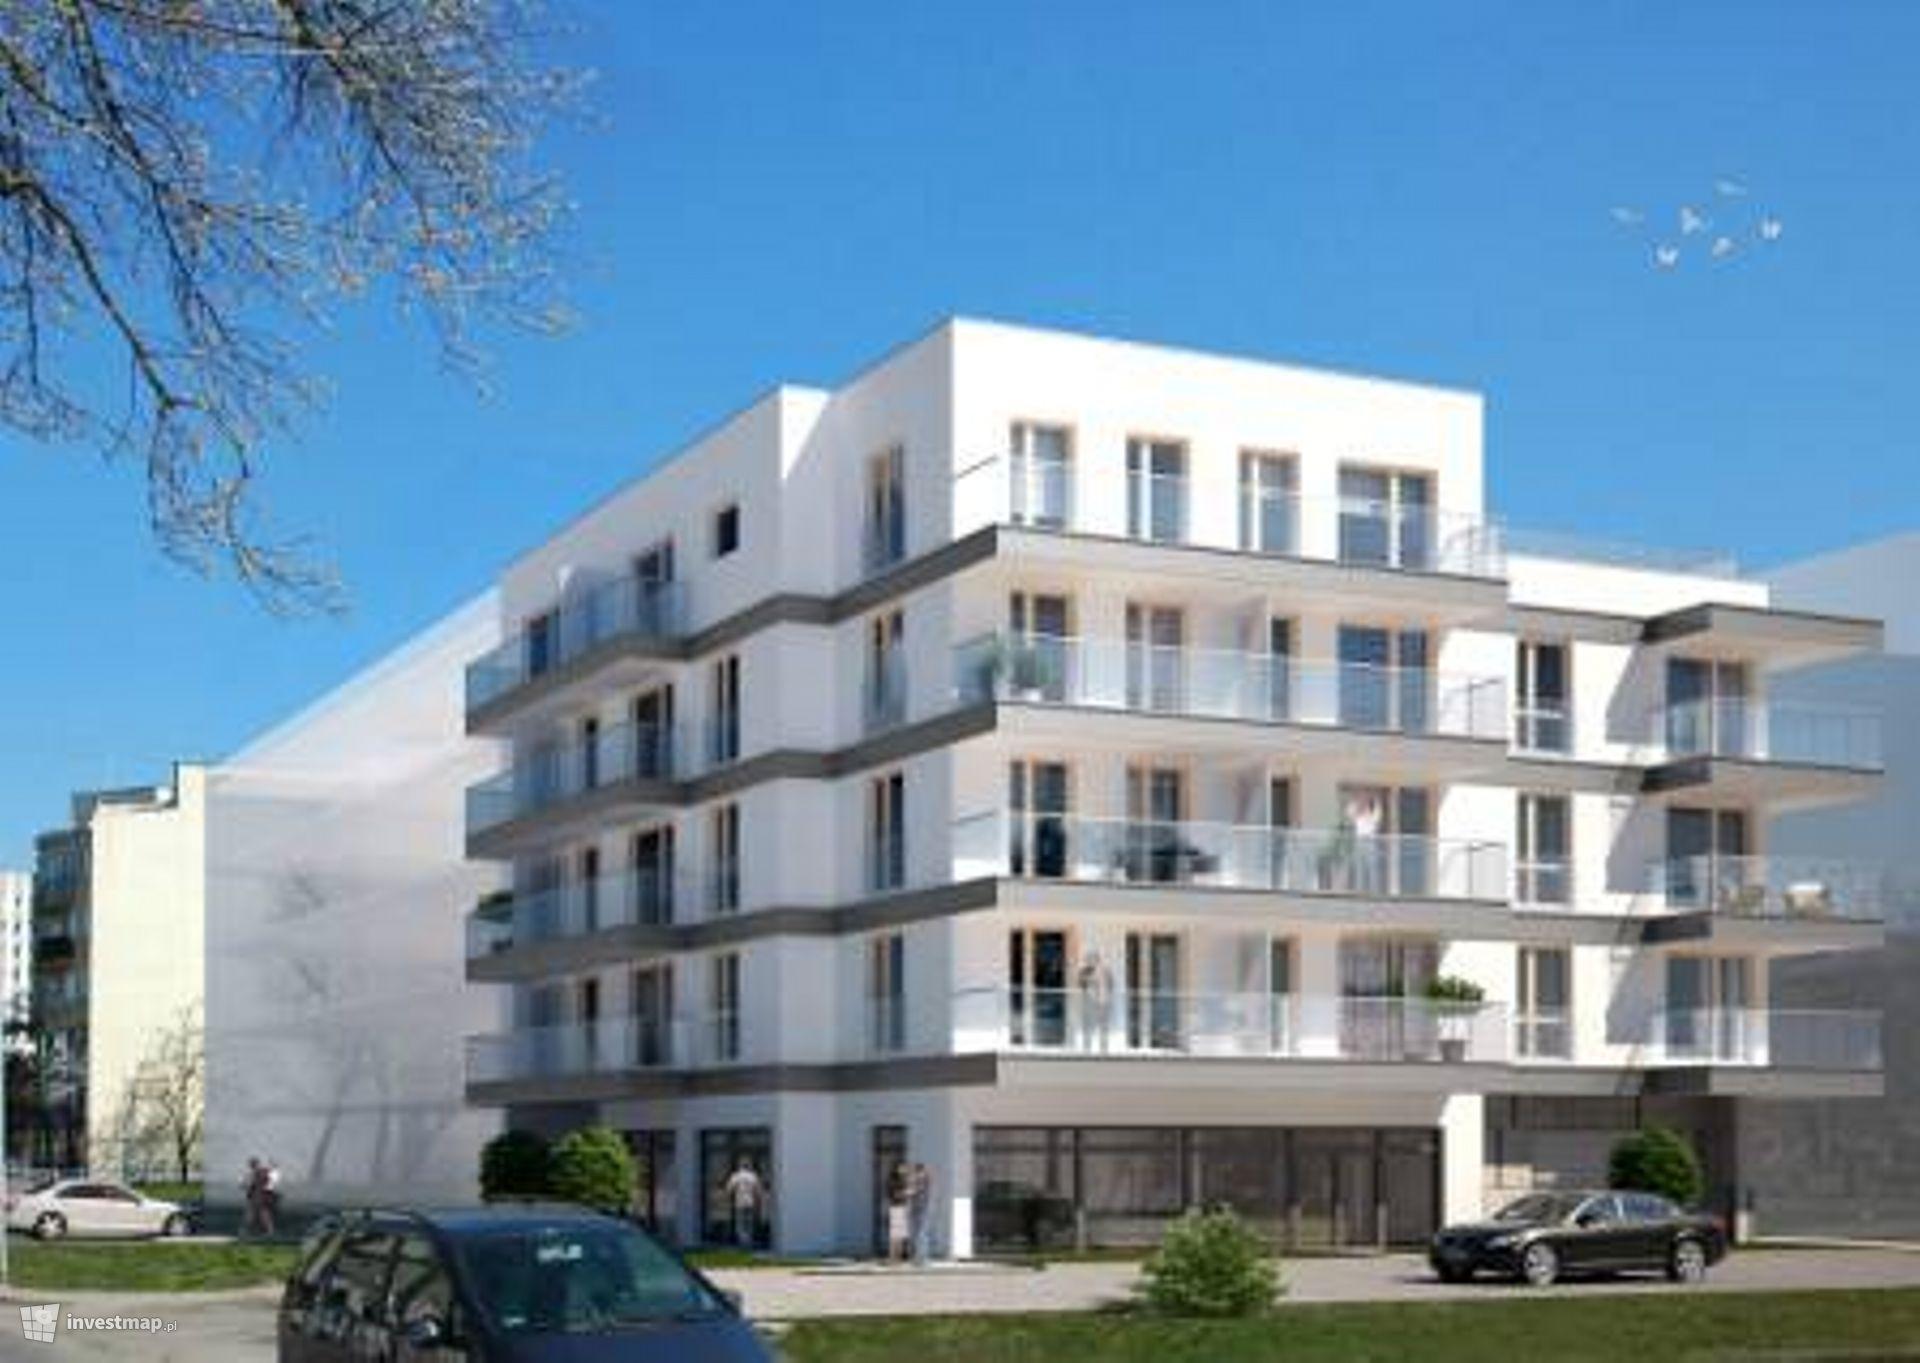 Budynek mieszkalny Krypska 18